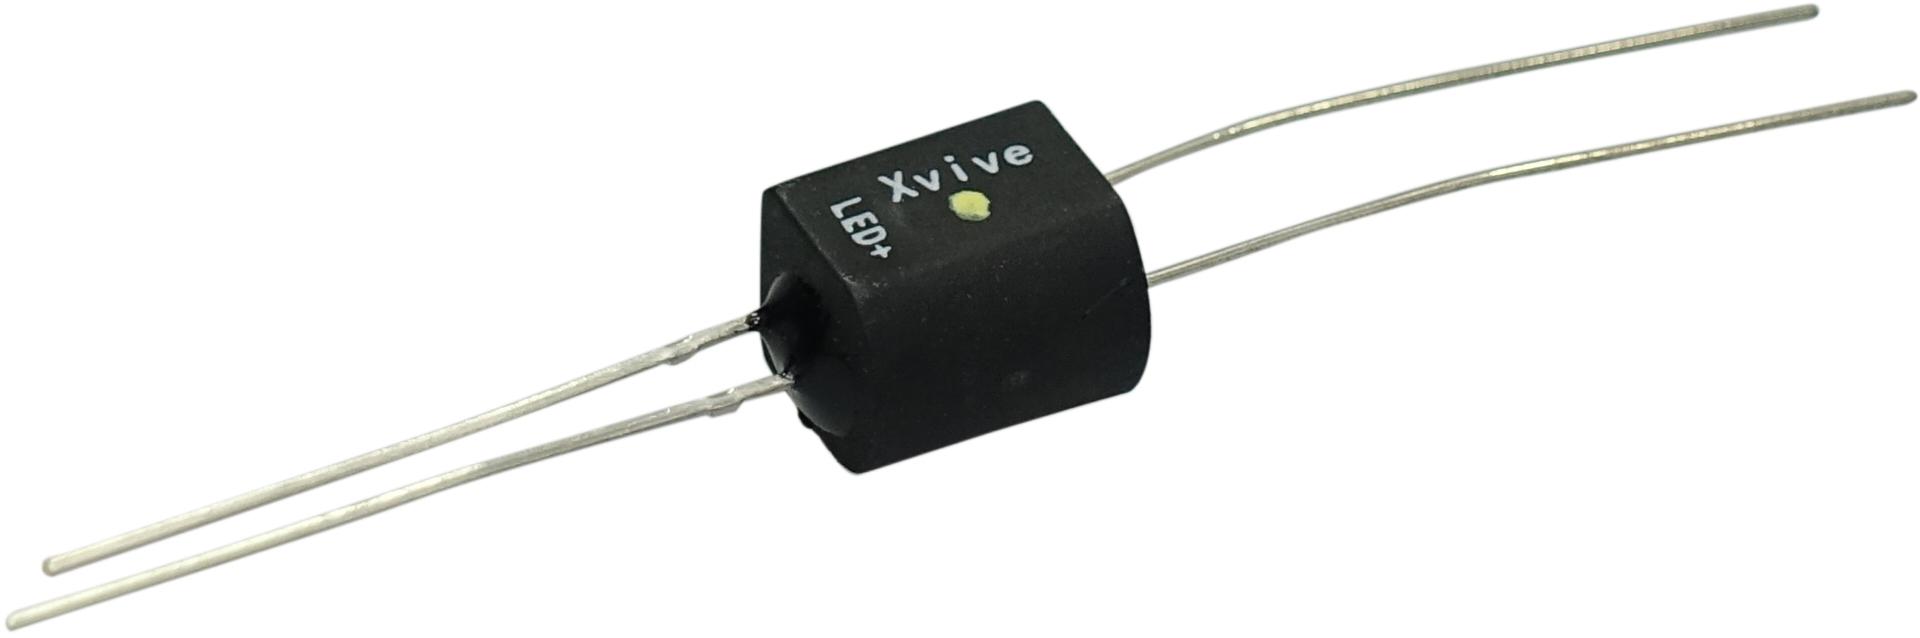 1Pcs VTL5C3 xvive audio opto-coupler high quality BHNIQH